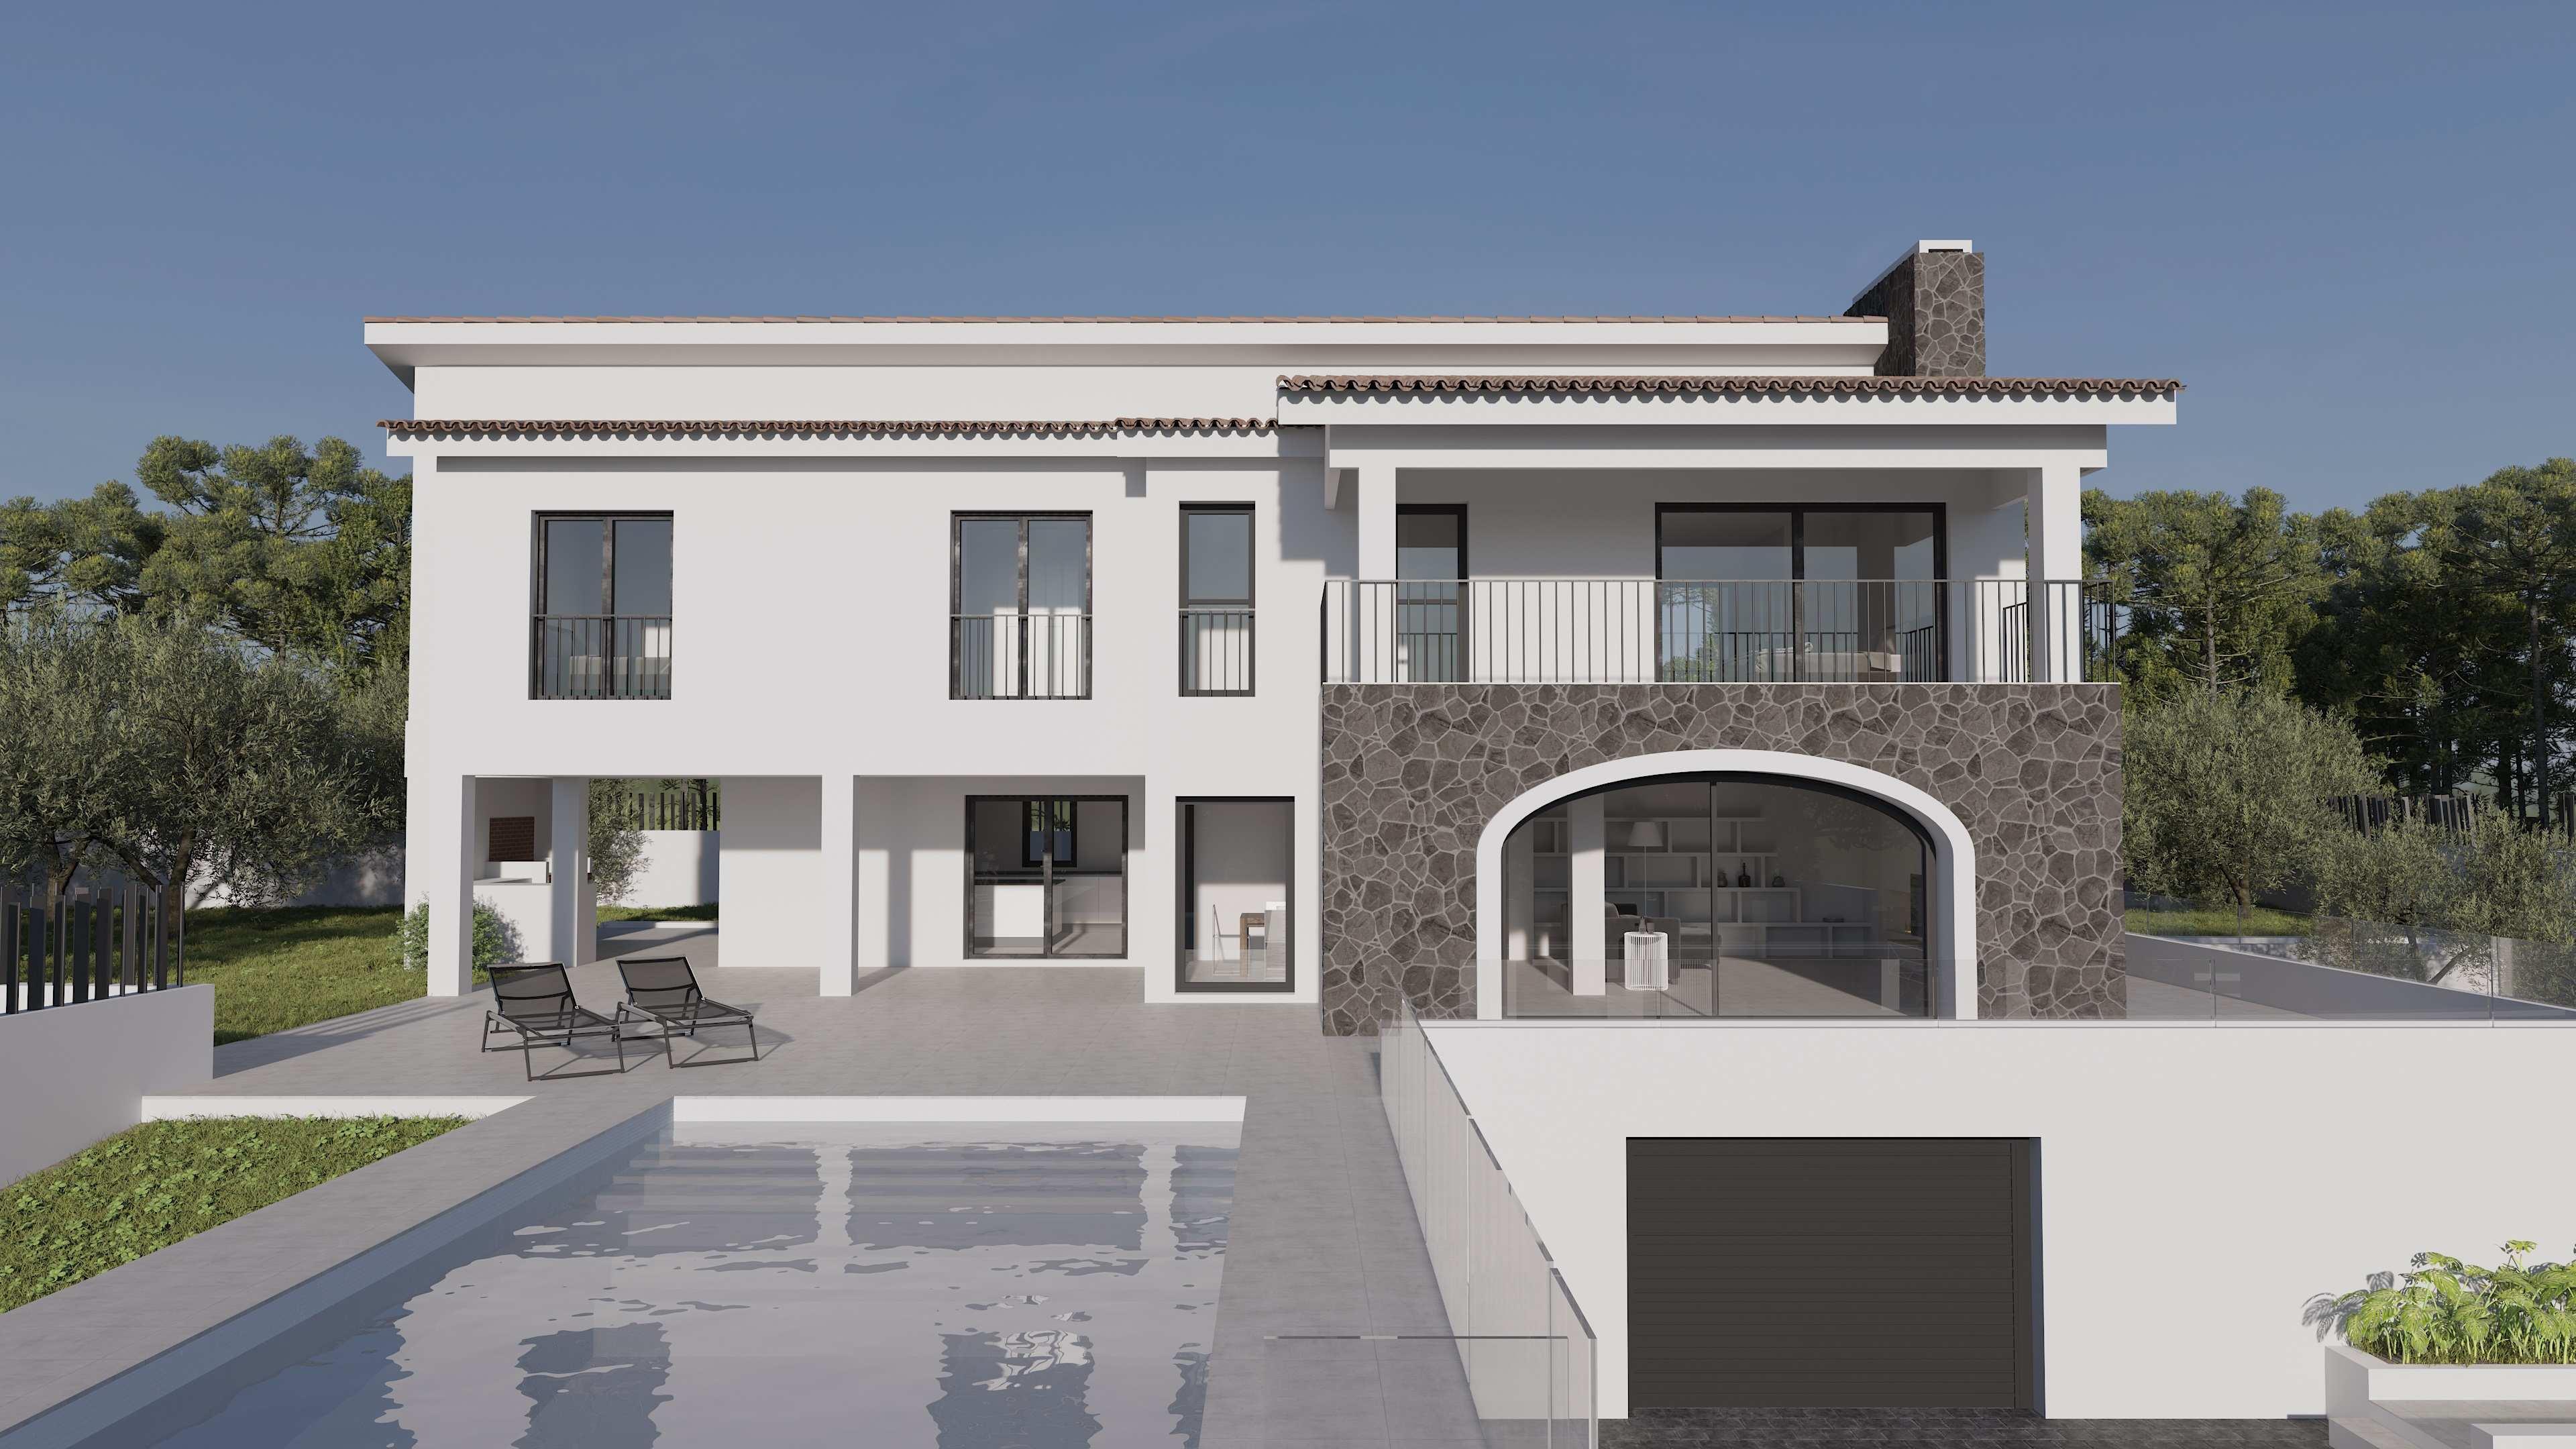 Galerie de photos - 1 - Olea-Home | Real Estate en Orba y Teulada-Moraira |